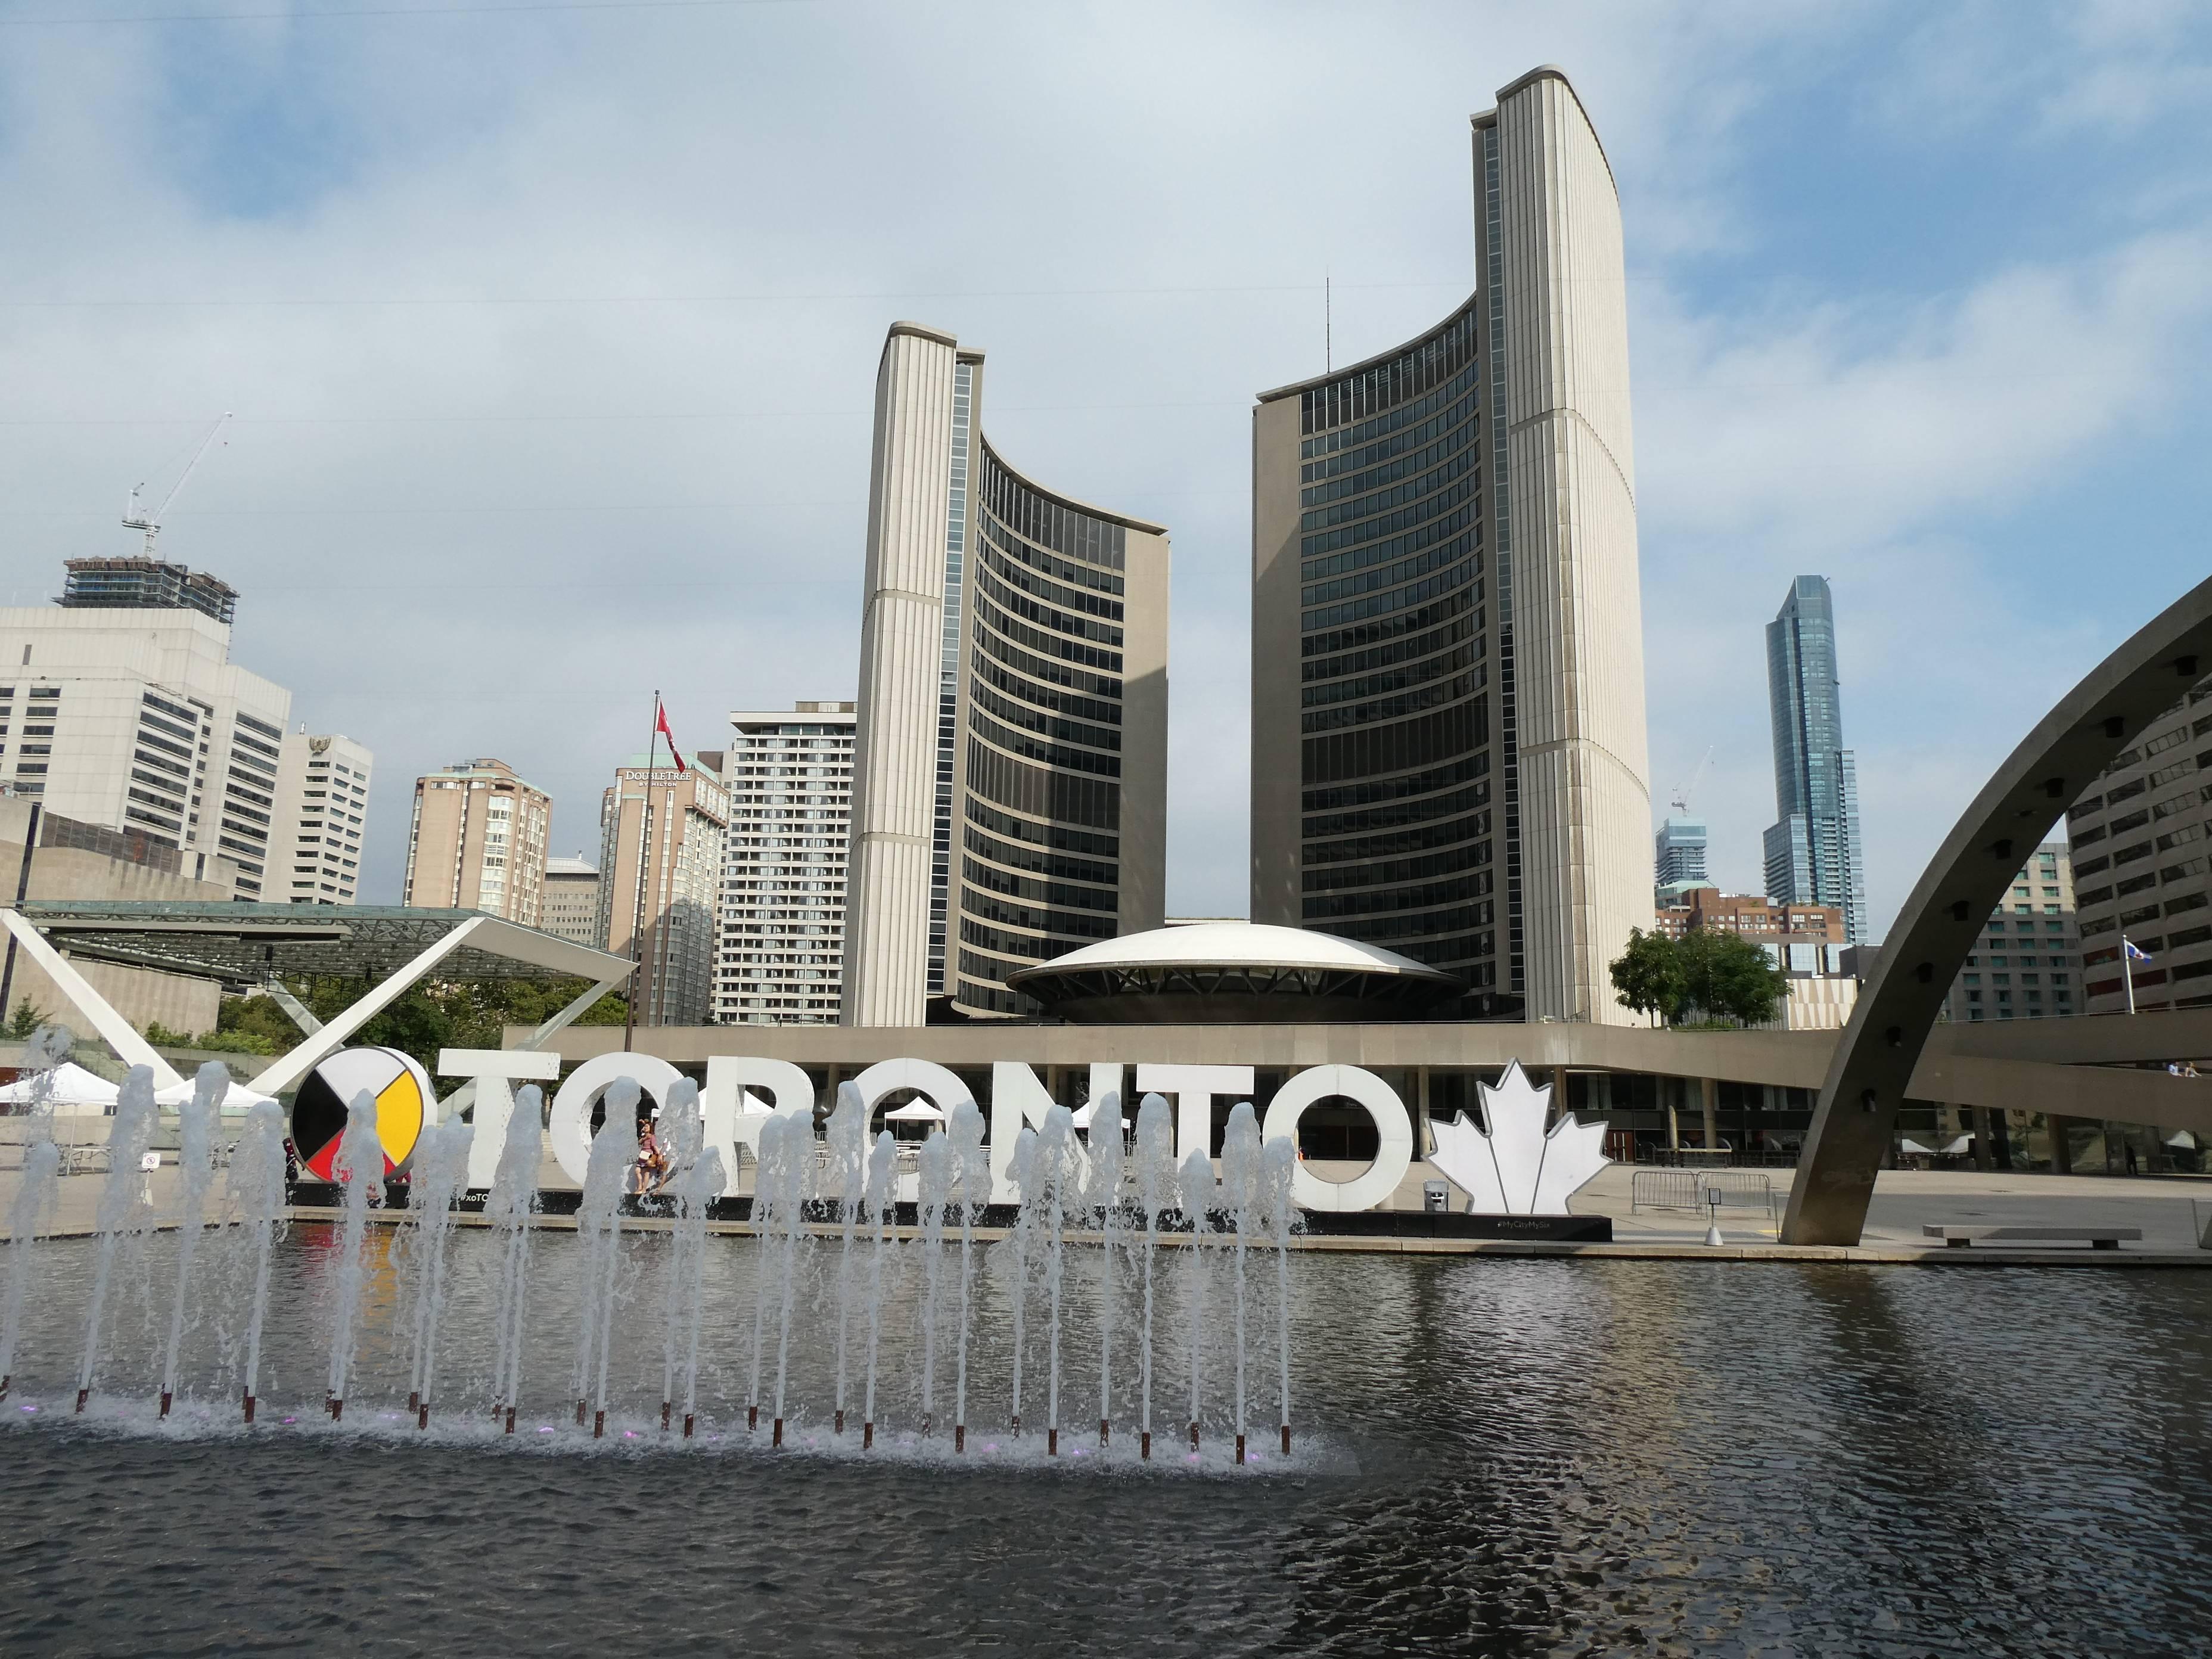 Photo 1: Toronto, Ontario, Canada